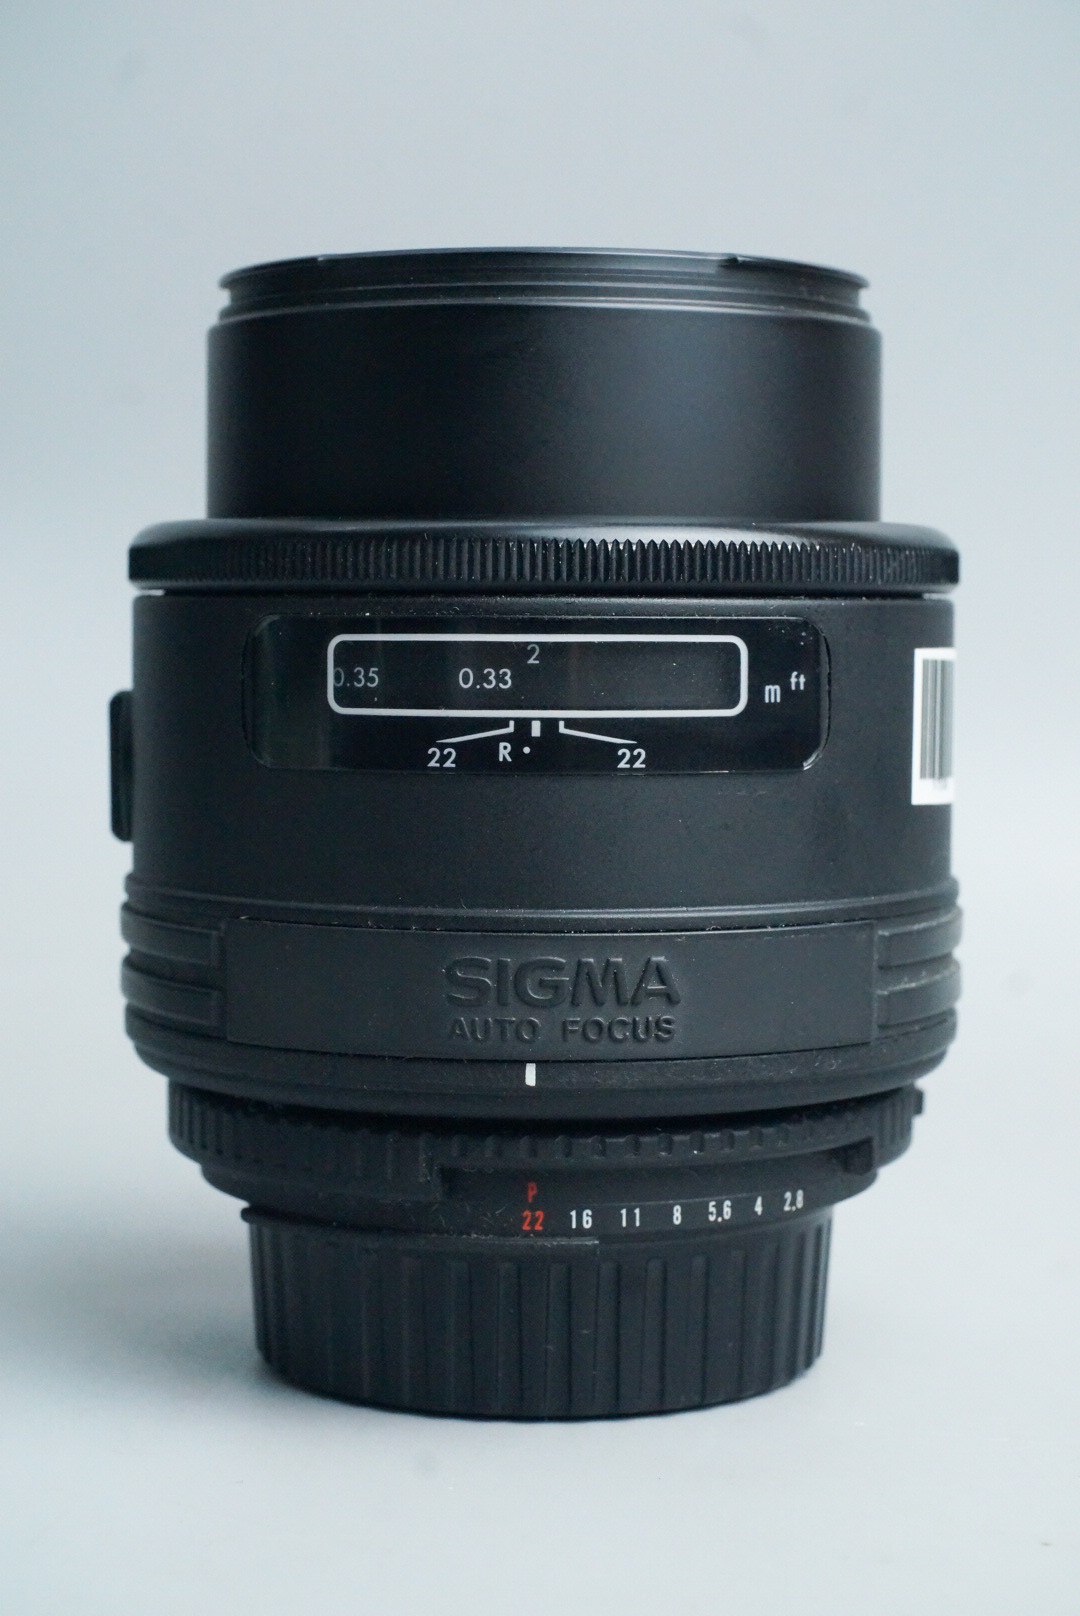 sigma-af-90mm-f2-8-macro-1-1-90-2-8-for-nikon-17550